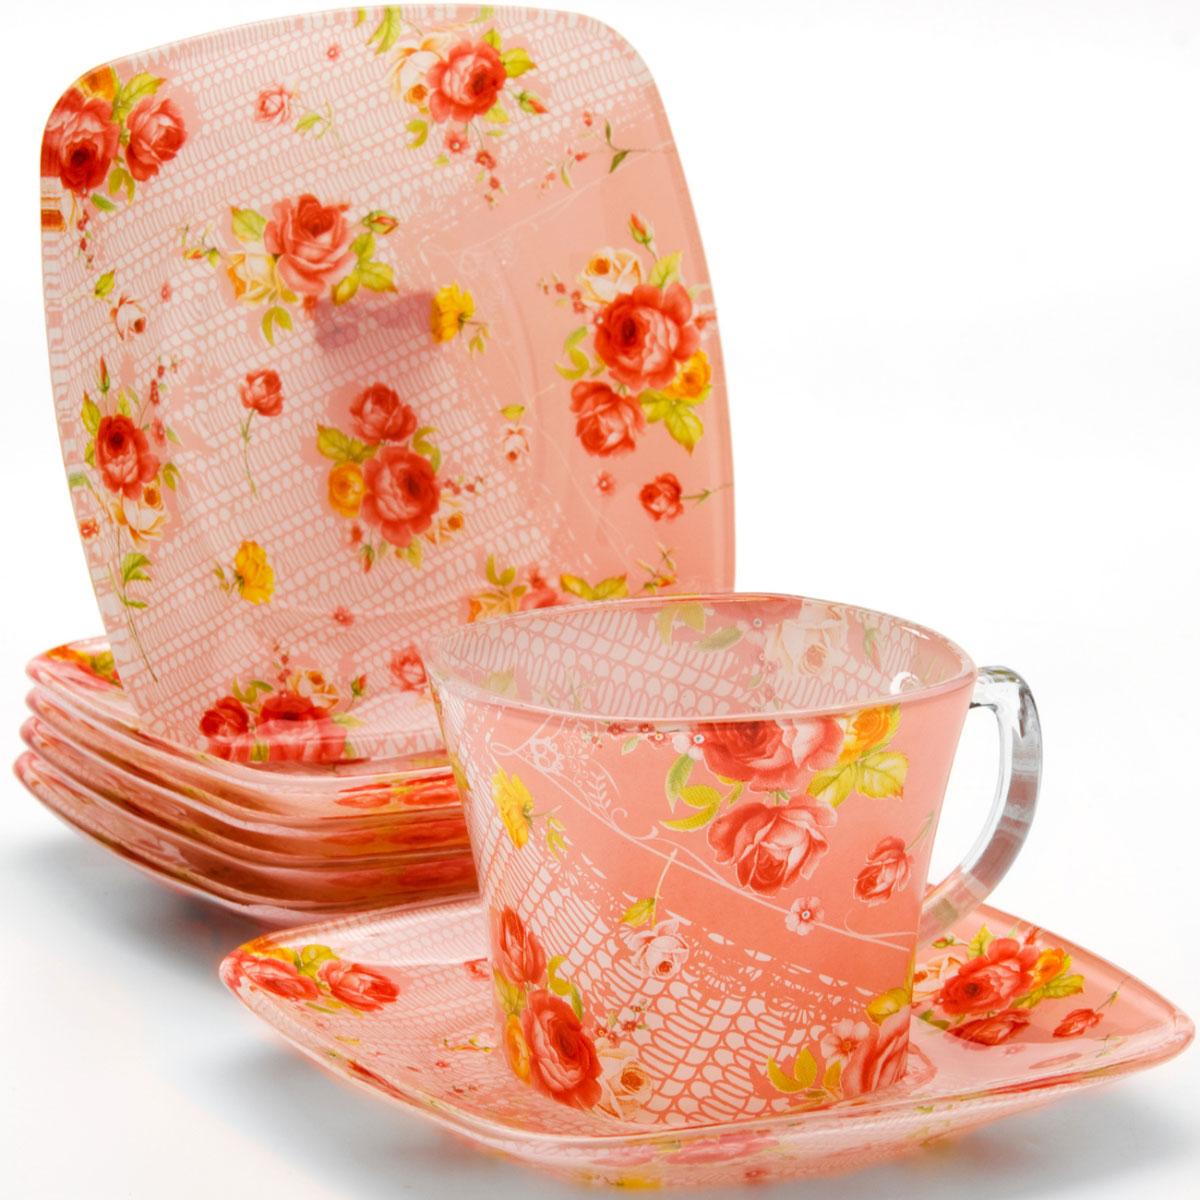 Набор чайный Loraine, 12 предметов. 24128VT-1520(SR)Чайный набор, выполненный из высококачественного прочного стекла, состоит из шести чашек и шести блюдец. Изделия декорированы изящным изображением цветов. Элегантный дизайн и совершенные формы предметов набора привлекут к себе внимание и украсят интерьер вашей кухни. Набор идеально подойдет для сервировки стола и станет отличным подарком к любому празднику. Подходит как для горячих, так и для холодных напитков. Объем чашки: 200 мл.